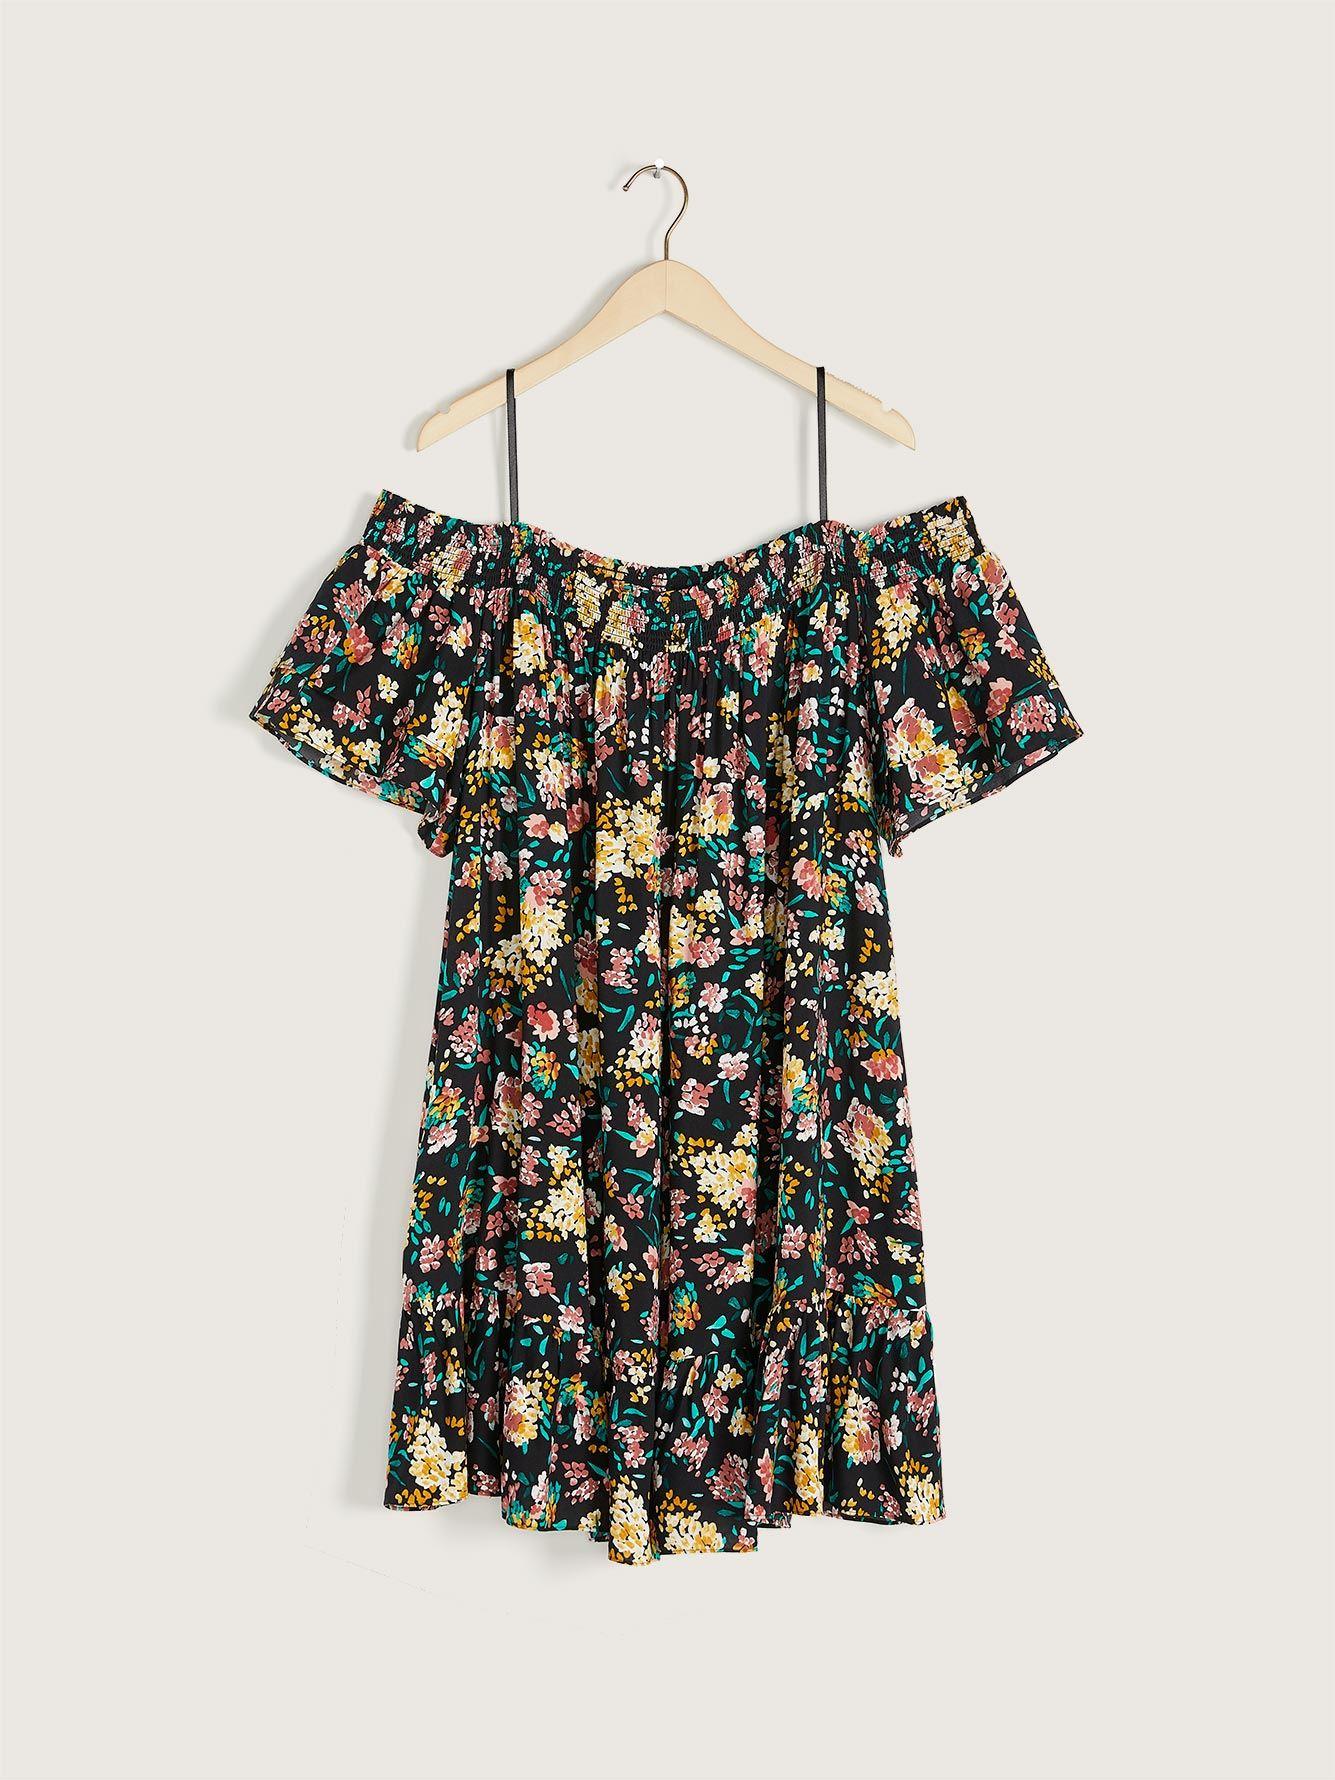 Printed Off-the-Shoulder Dress - Addition Elle